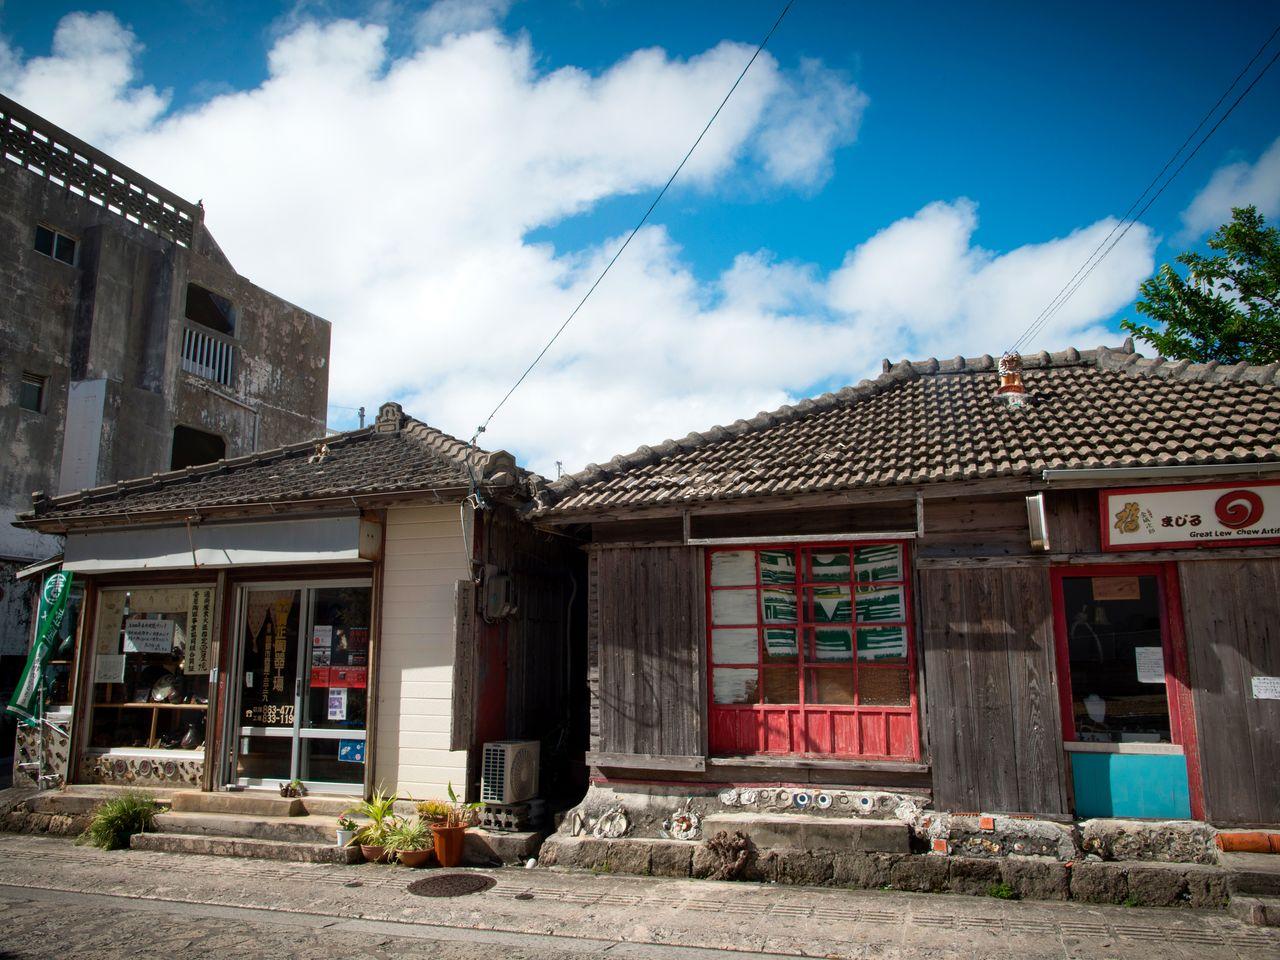 Старинные дома и магазинчики на улице Ятимун-дори